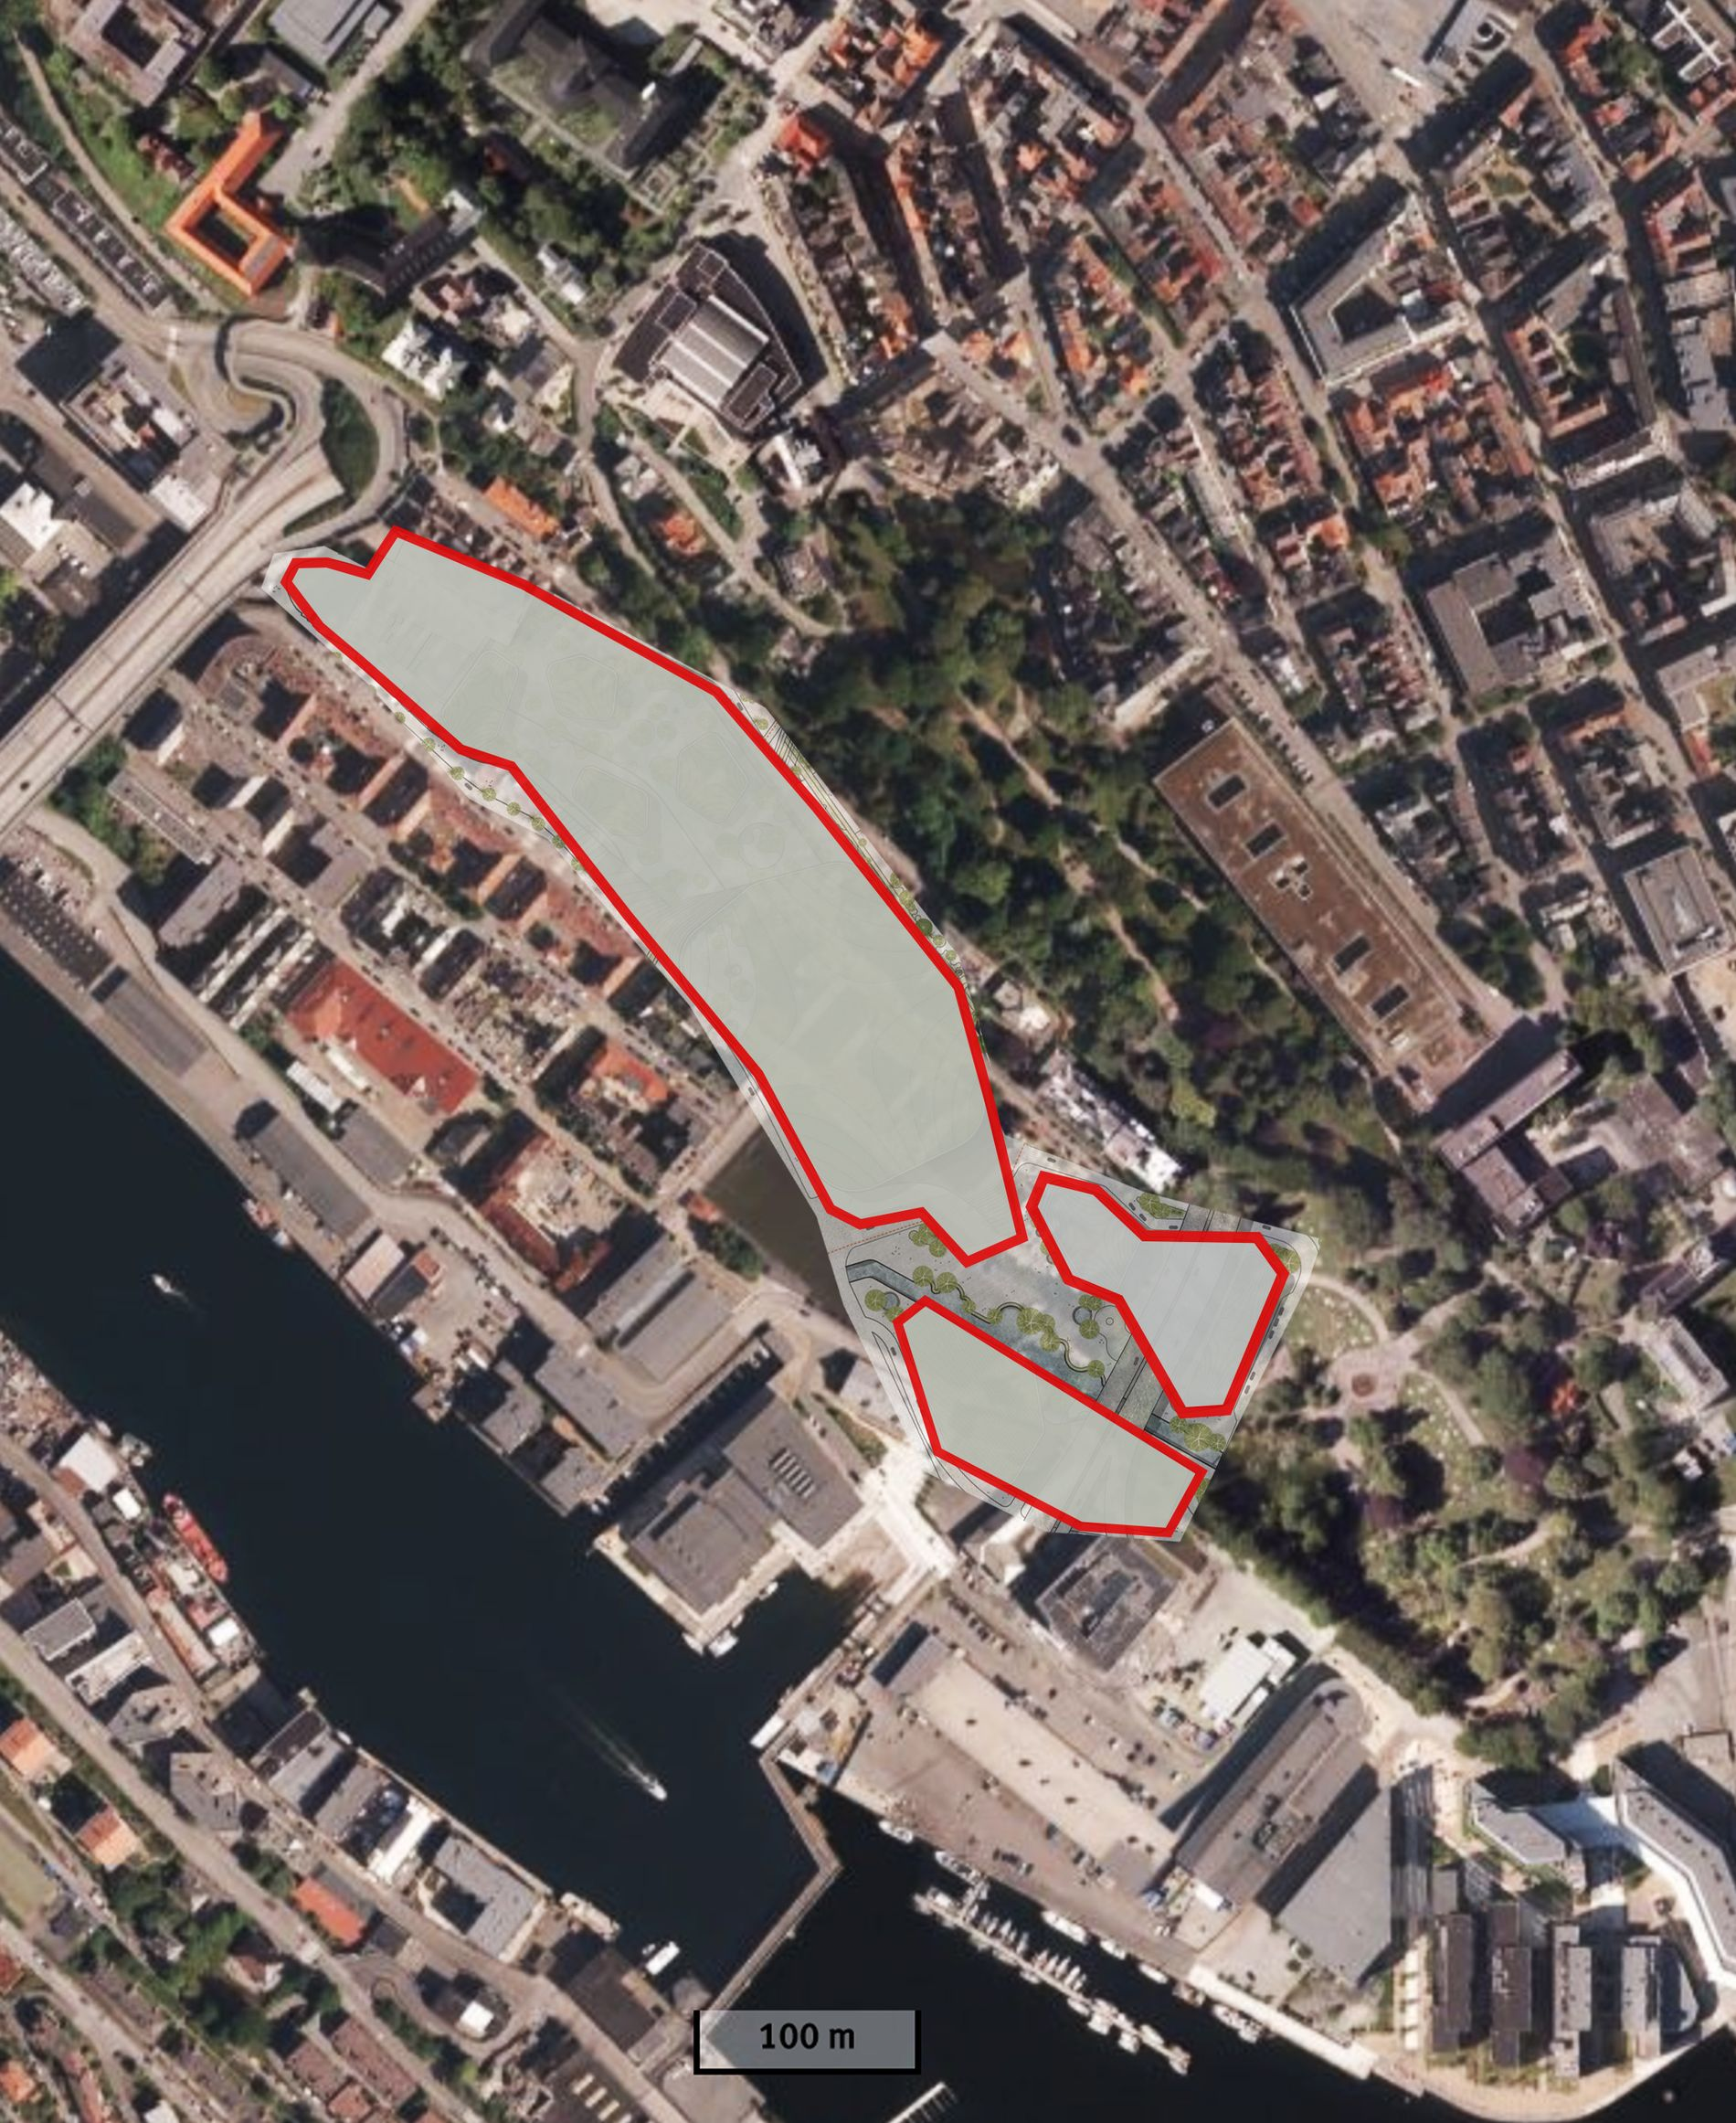 MØHLENPRIS: Slik ville det se ut på Møhlenpris hvis den foreslåtte byarenaen ble plassert der, ifølge skribentene. I dag er det ca 130 bygninger på samme areal.